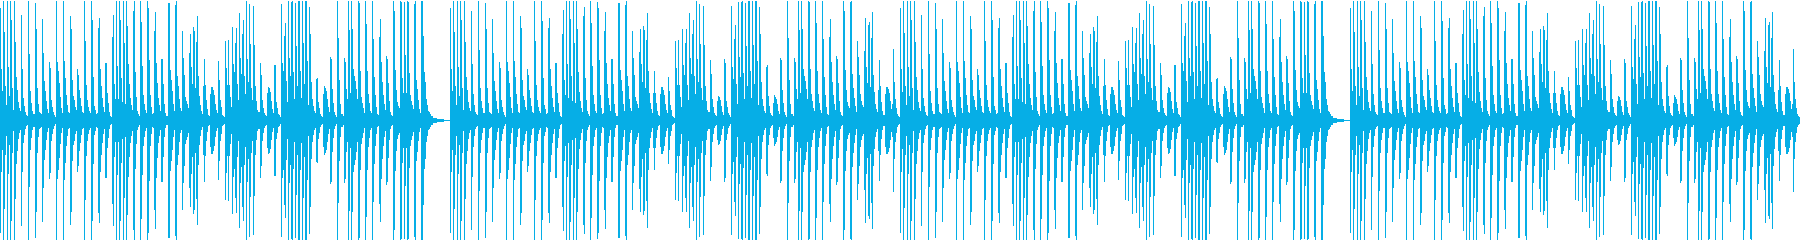 ループ・穏やか・ほのぼの・日常・マリンバの再生済みの波形